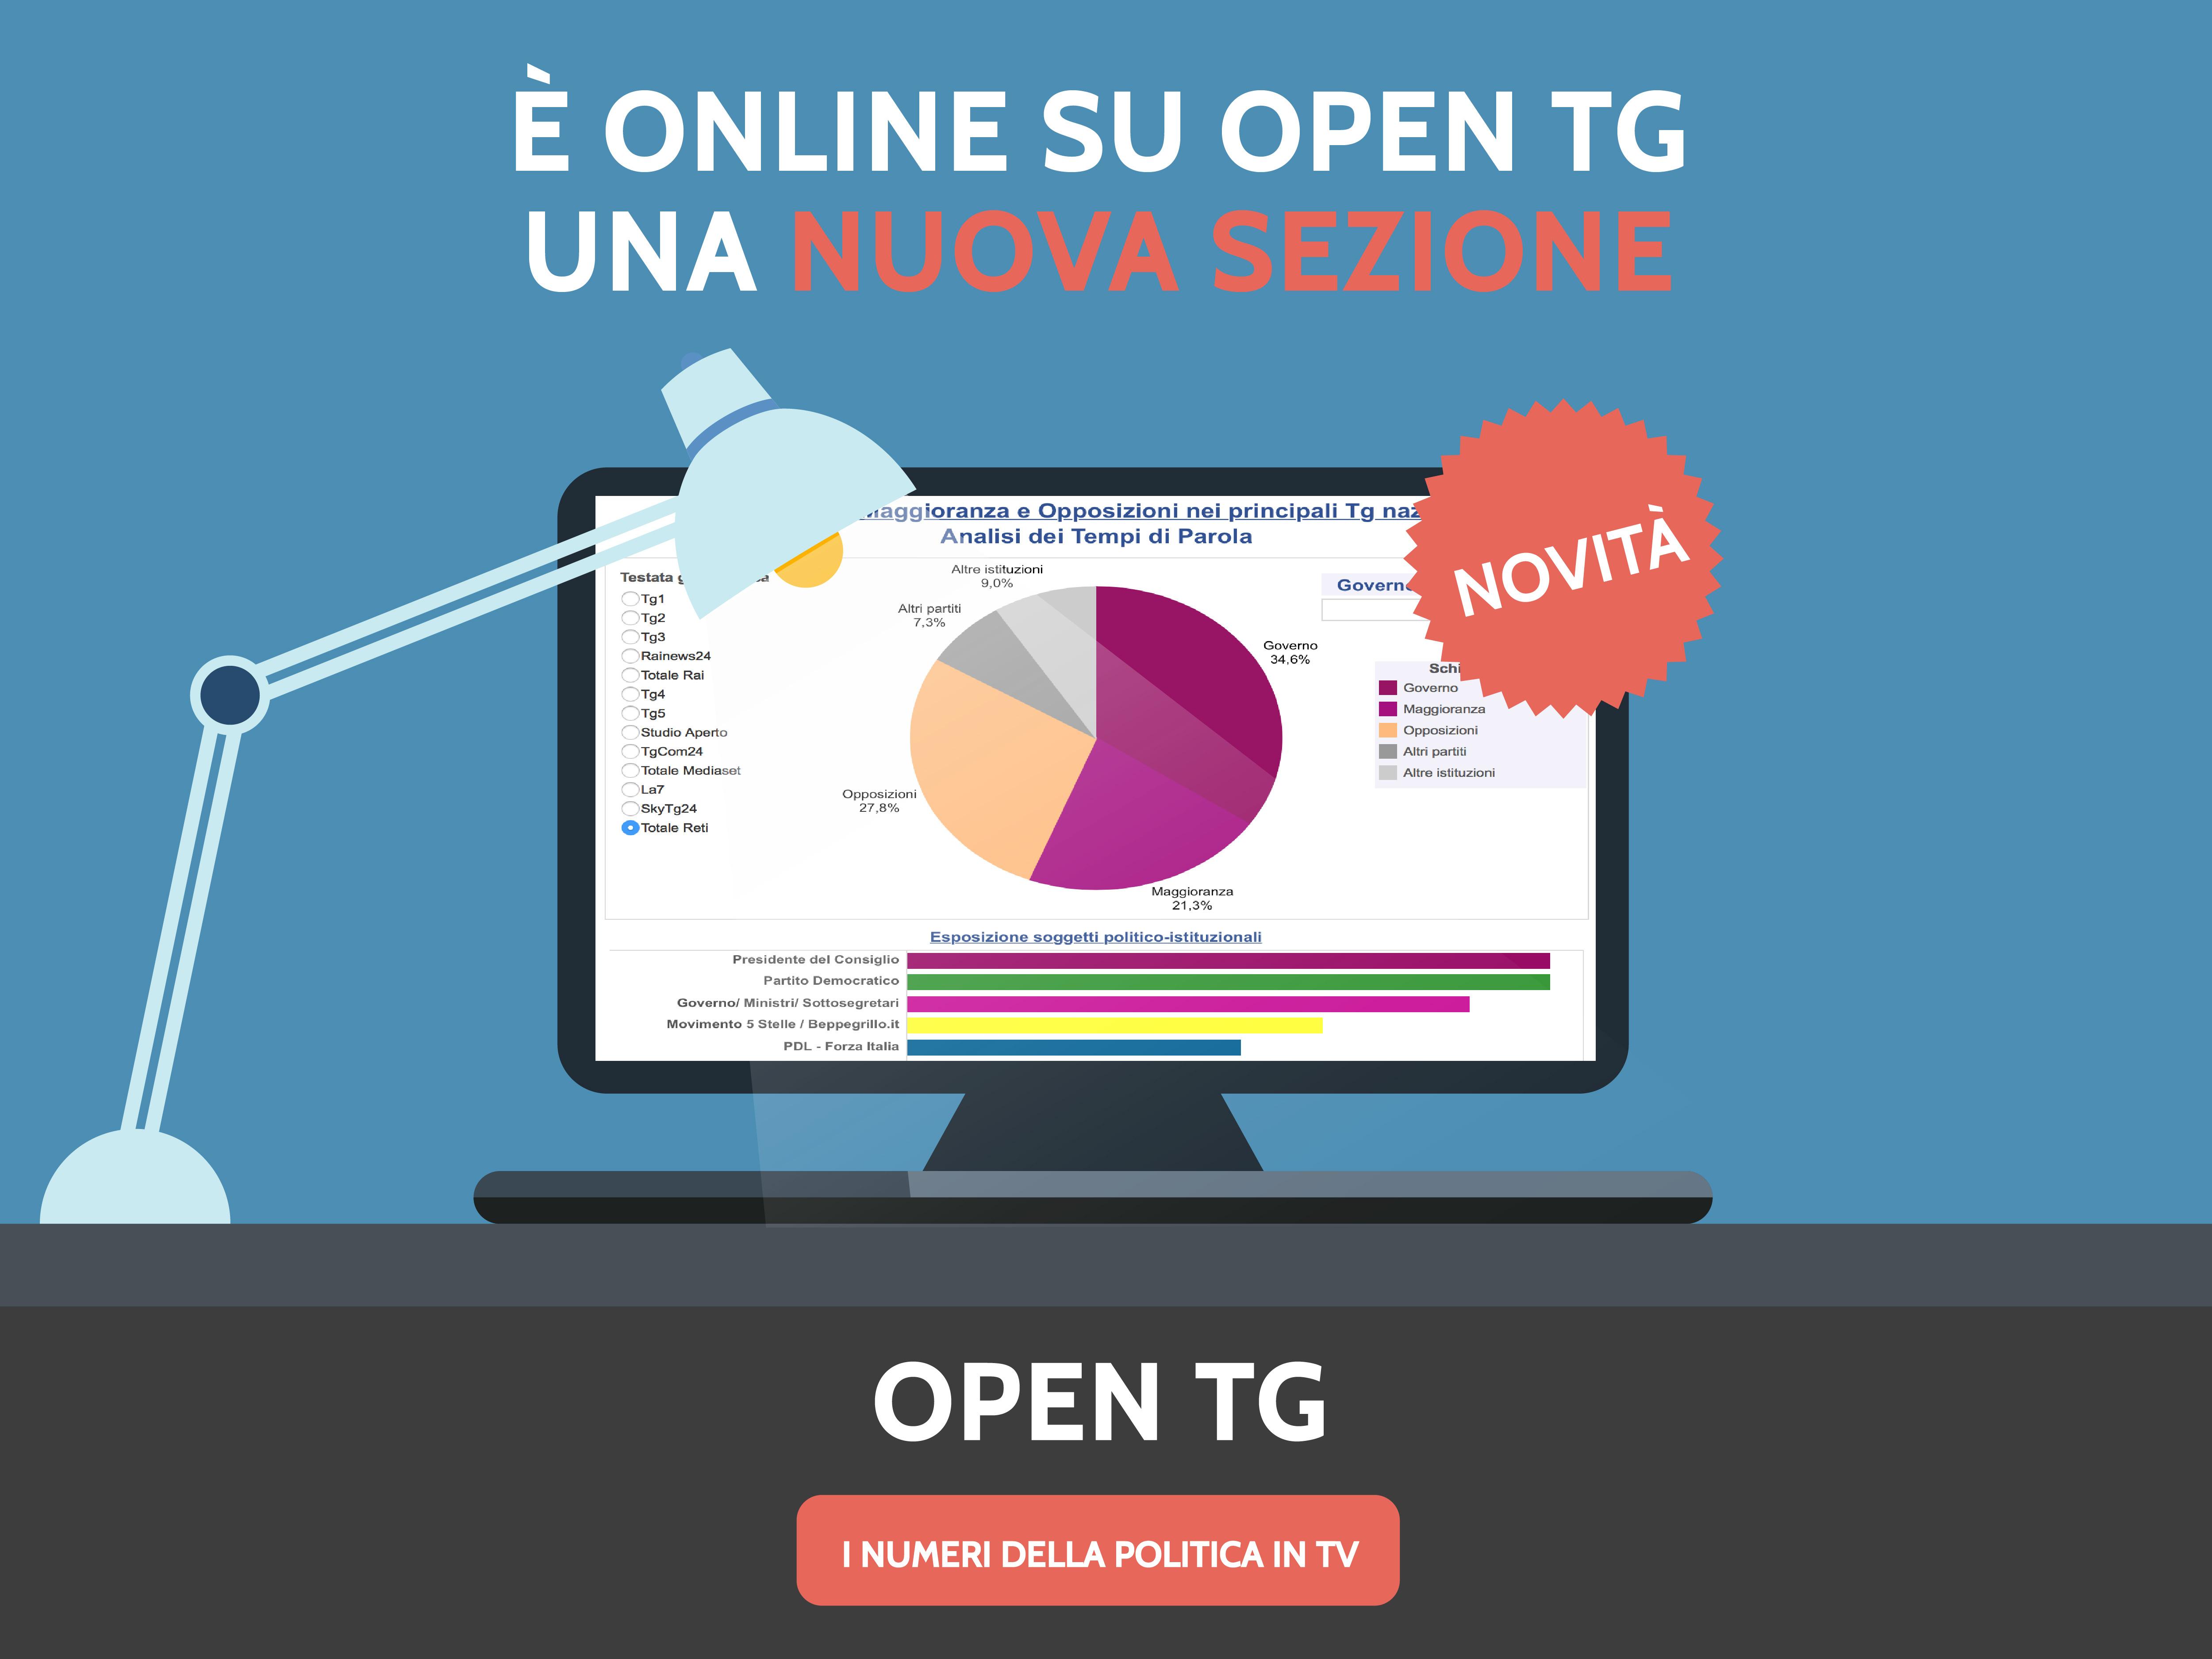 open_tg_nuova-sezione_DEF2